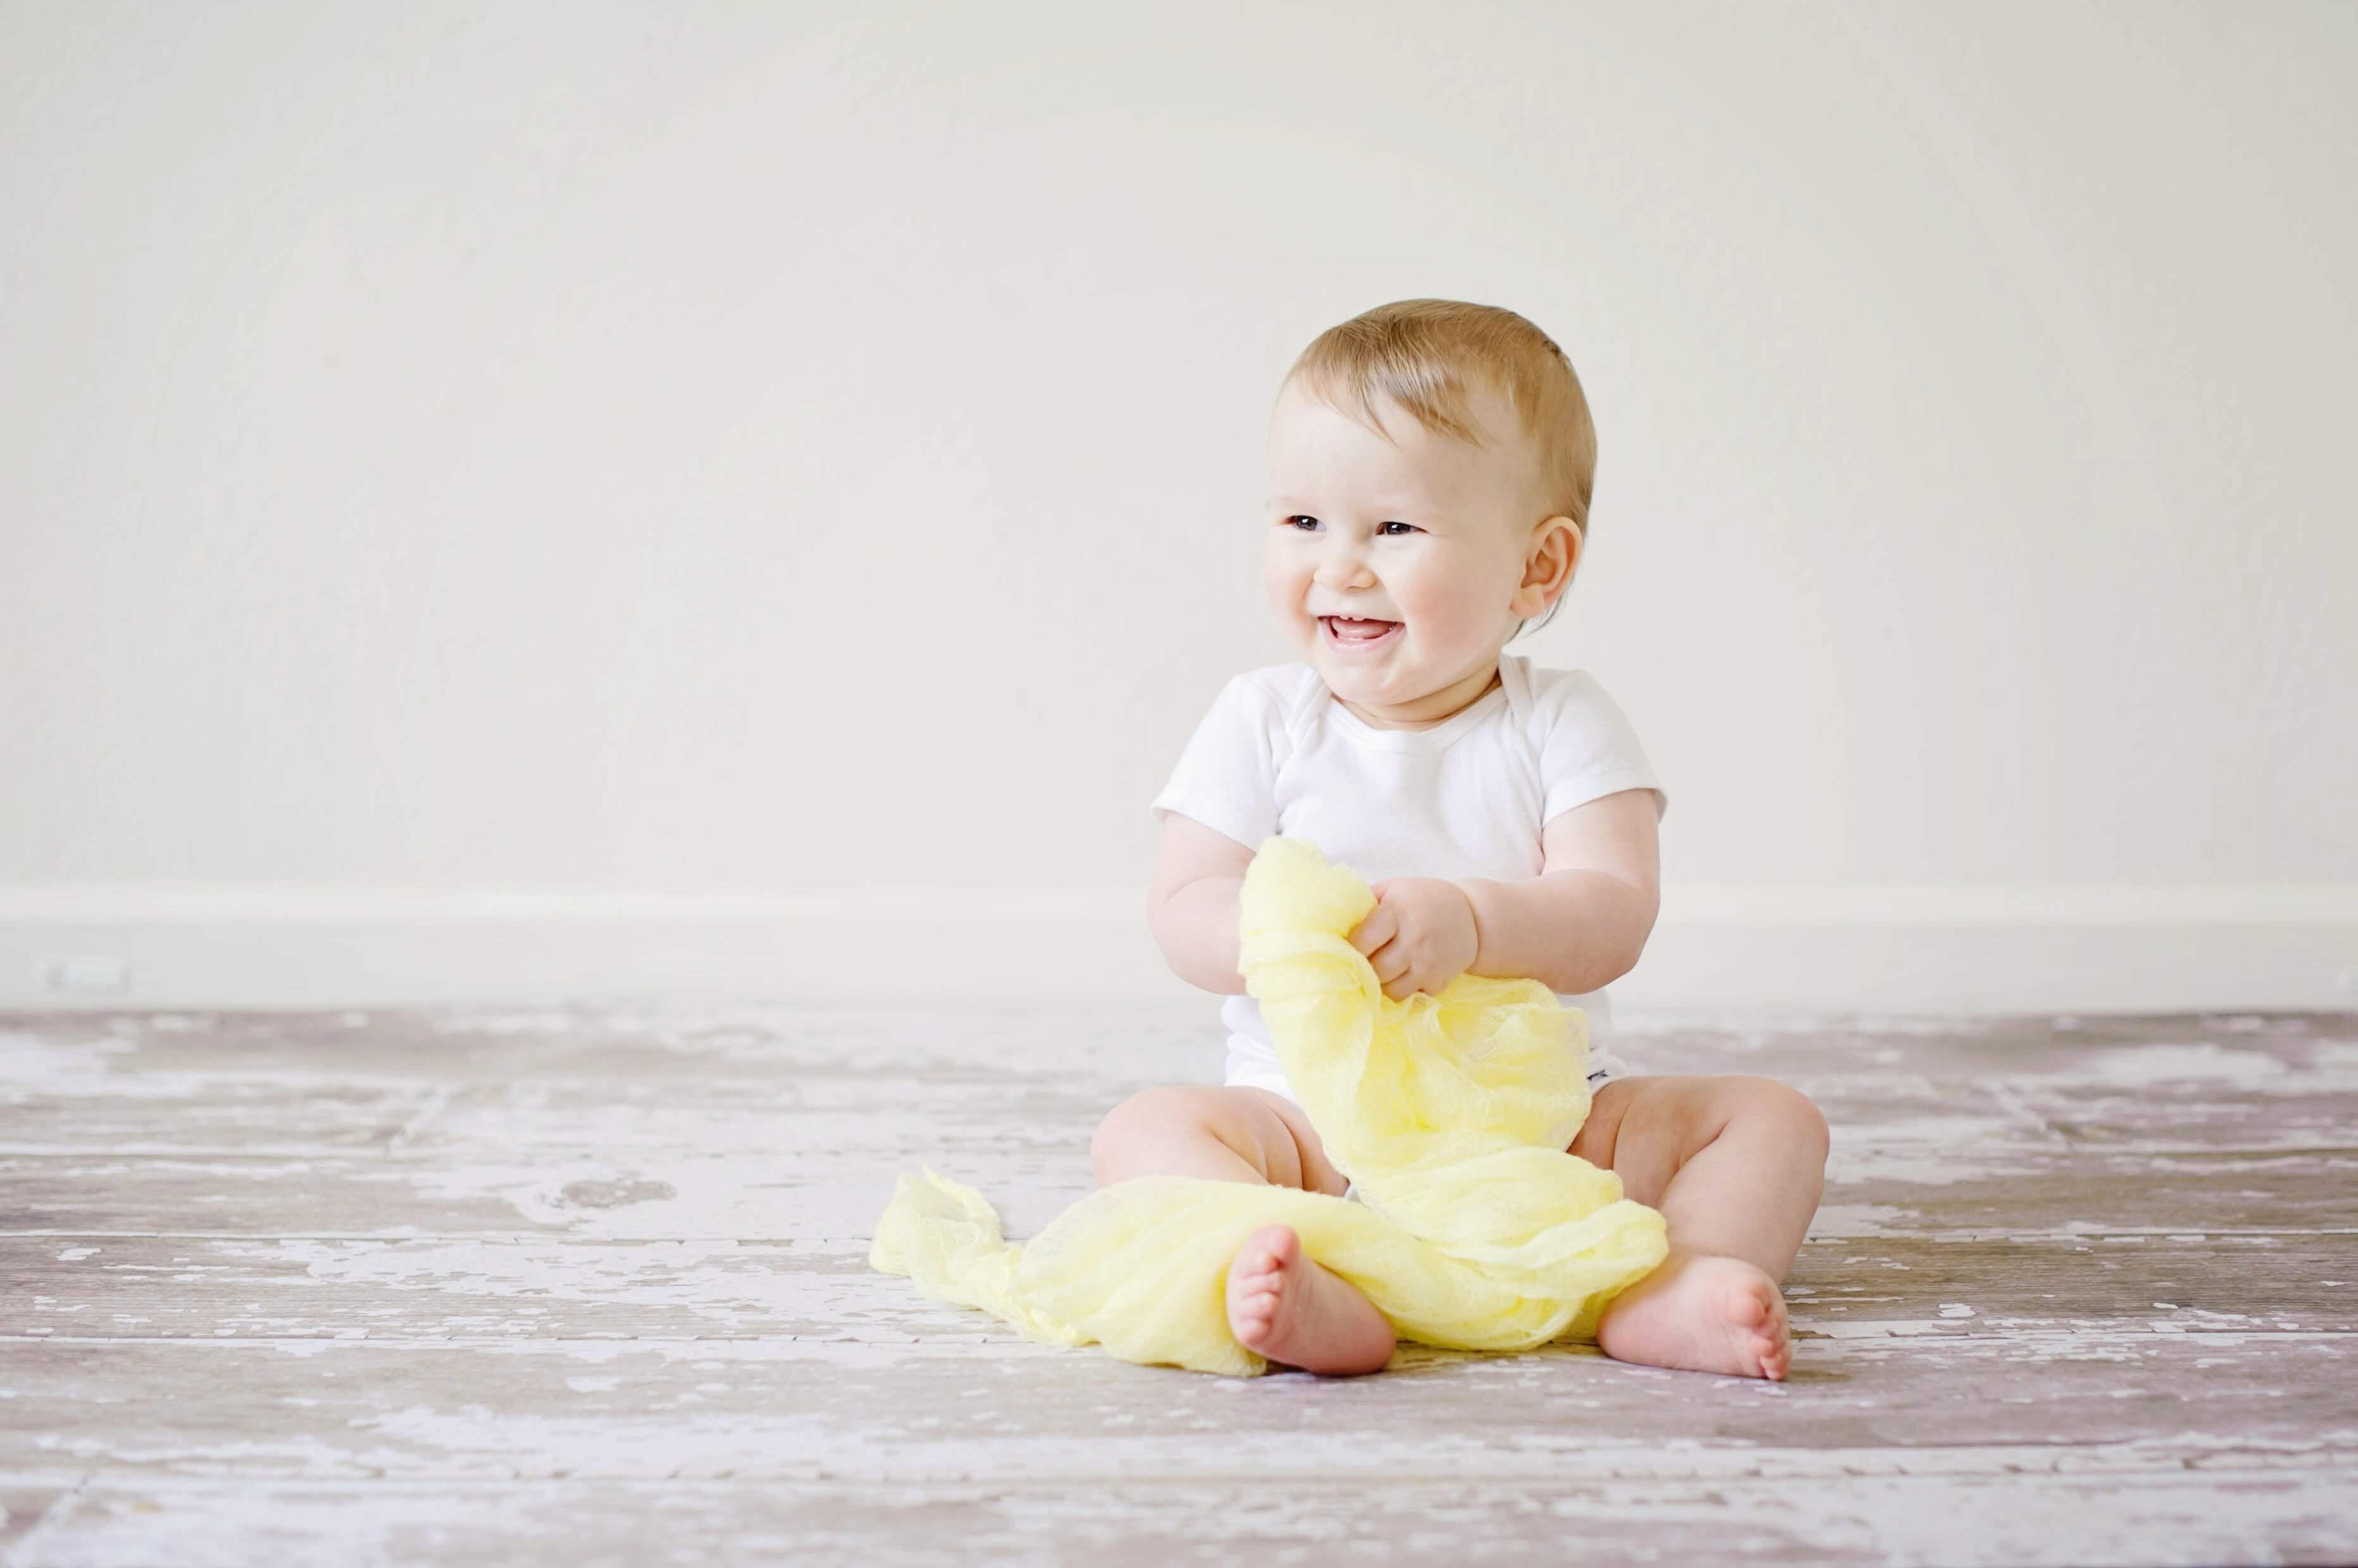 babyandkidfashion babaruhában csücsülő mosolygós kisbaba, aki magyar pamut anyagból készült fehér bodyban mosolyog a képen.